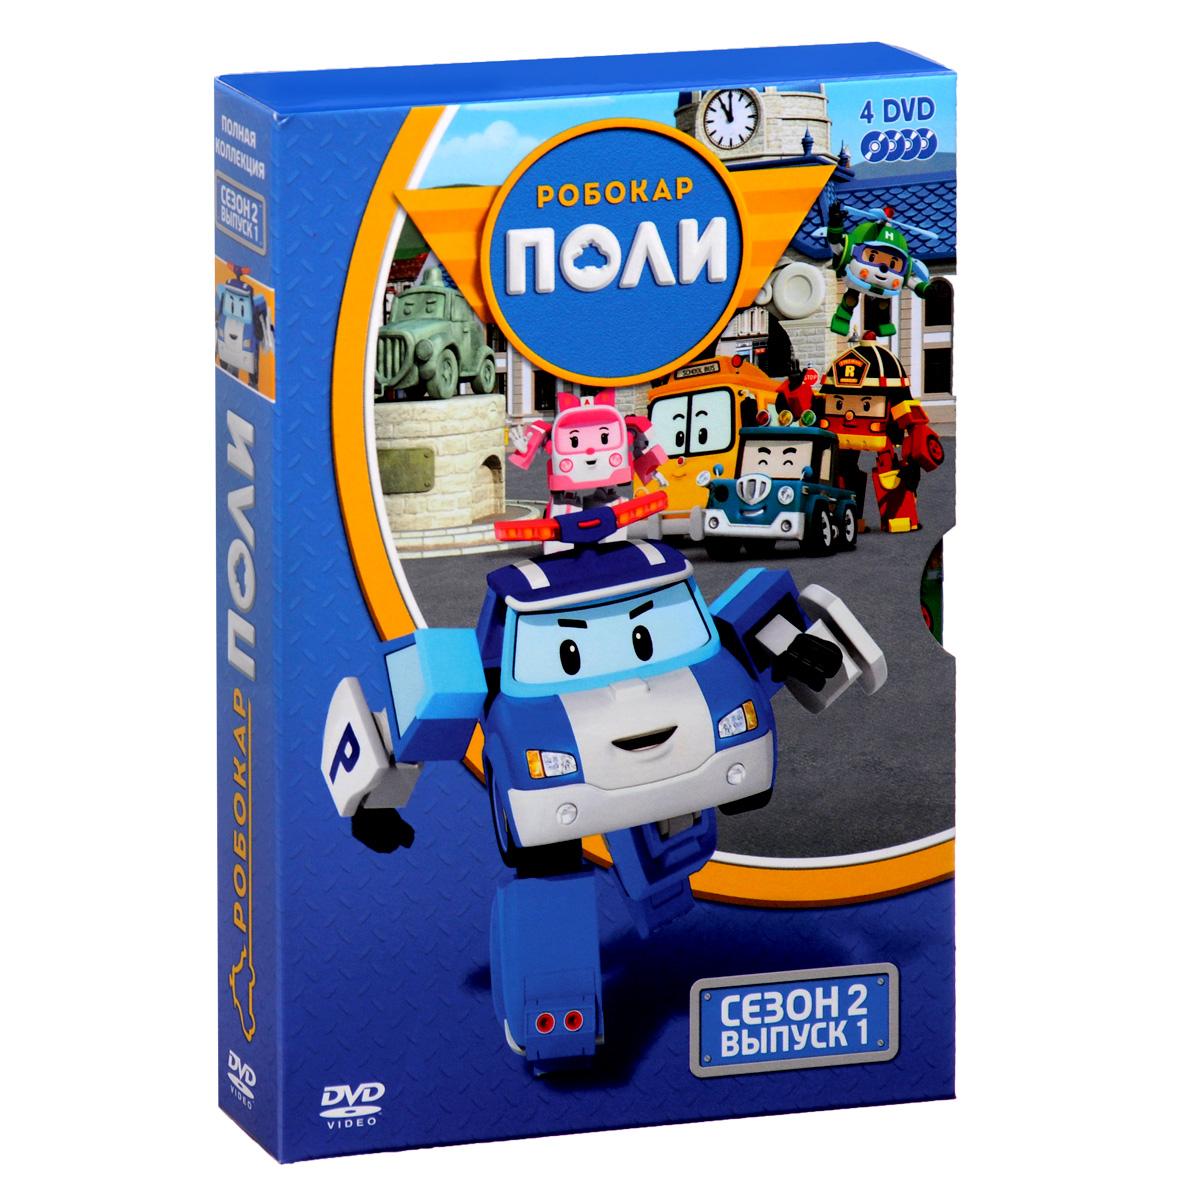 Робокар Поли: Полная коллекция: Сезон 2, выпуск 1 (4 DVD)